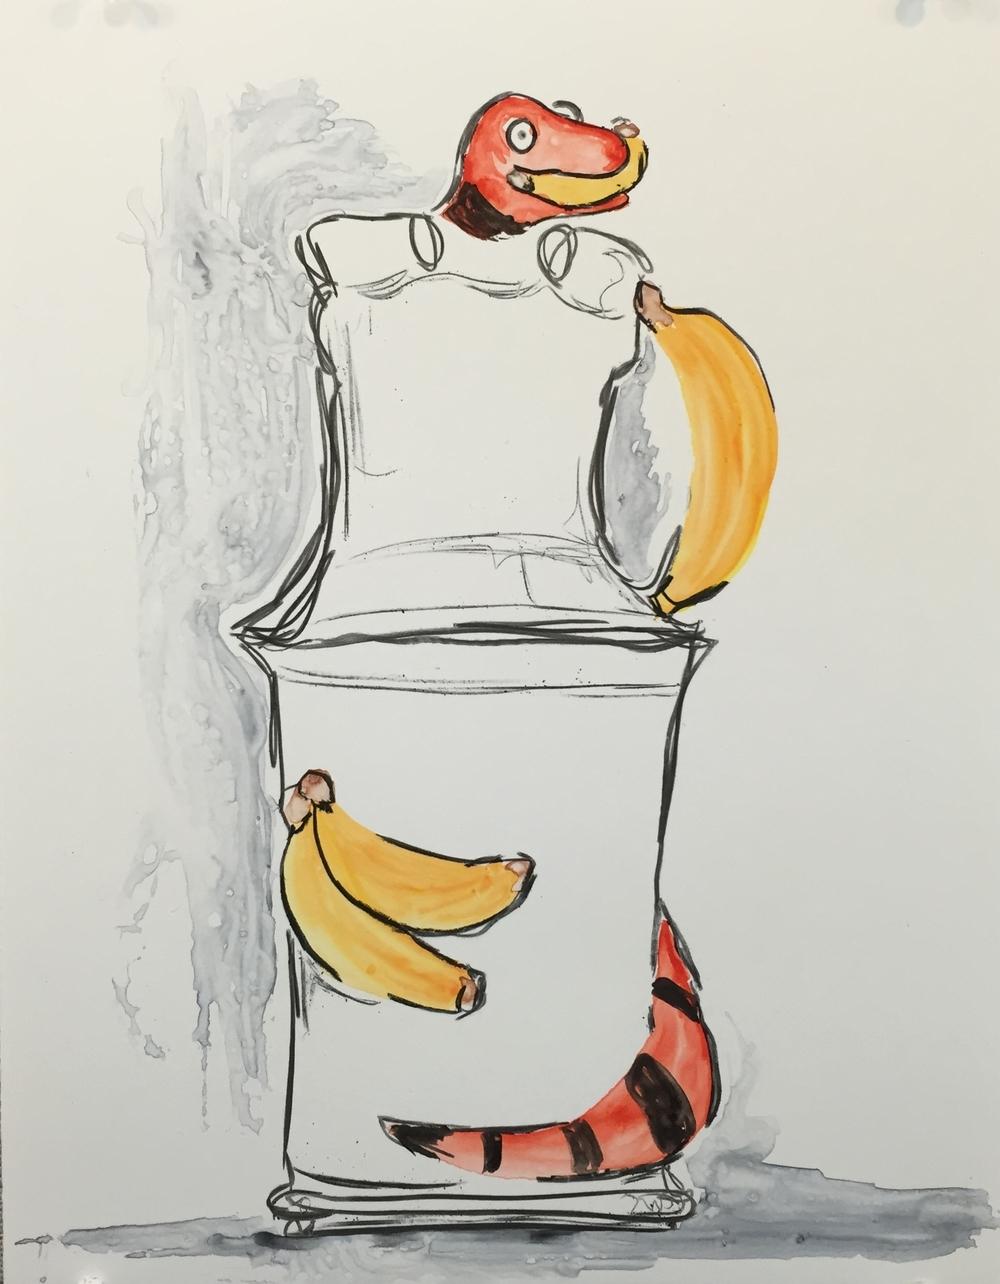 Banana Snake